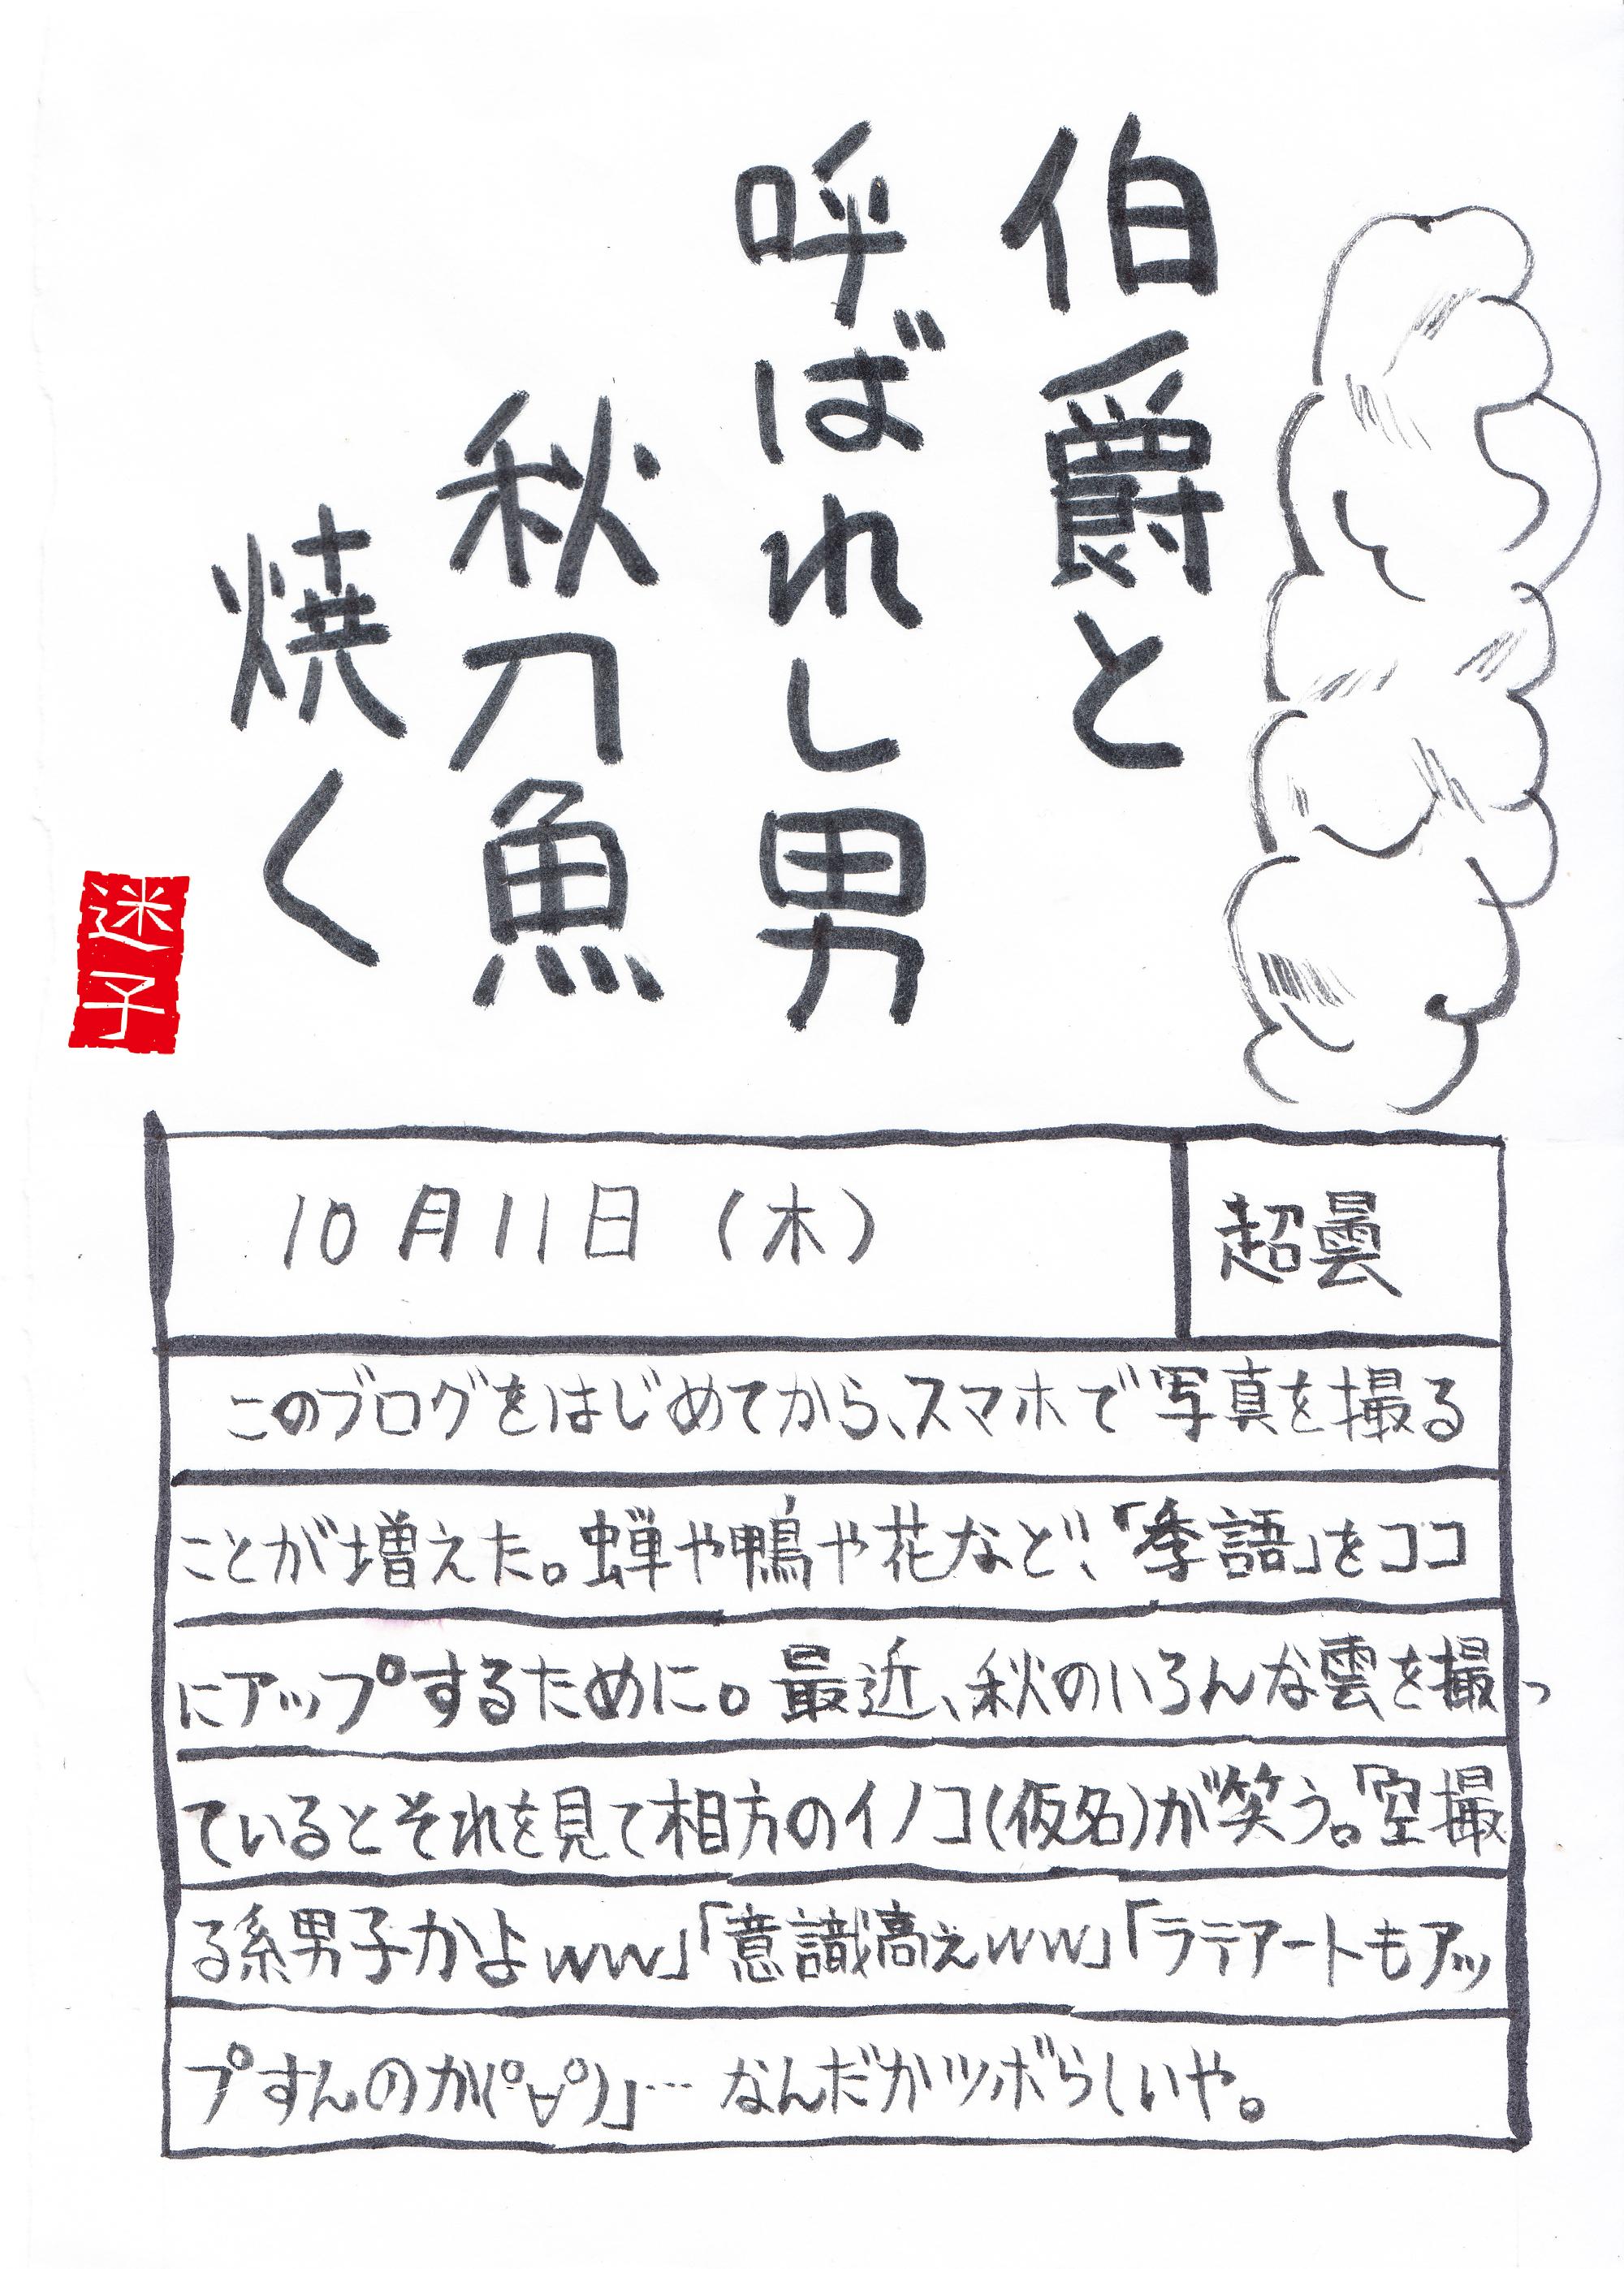 20181013_002.jpg